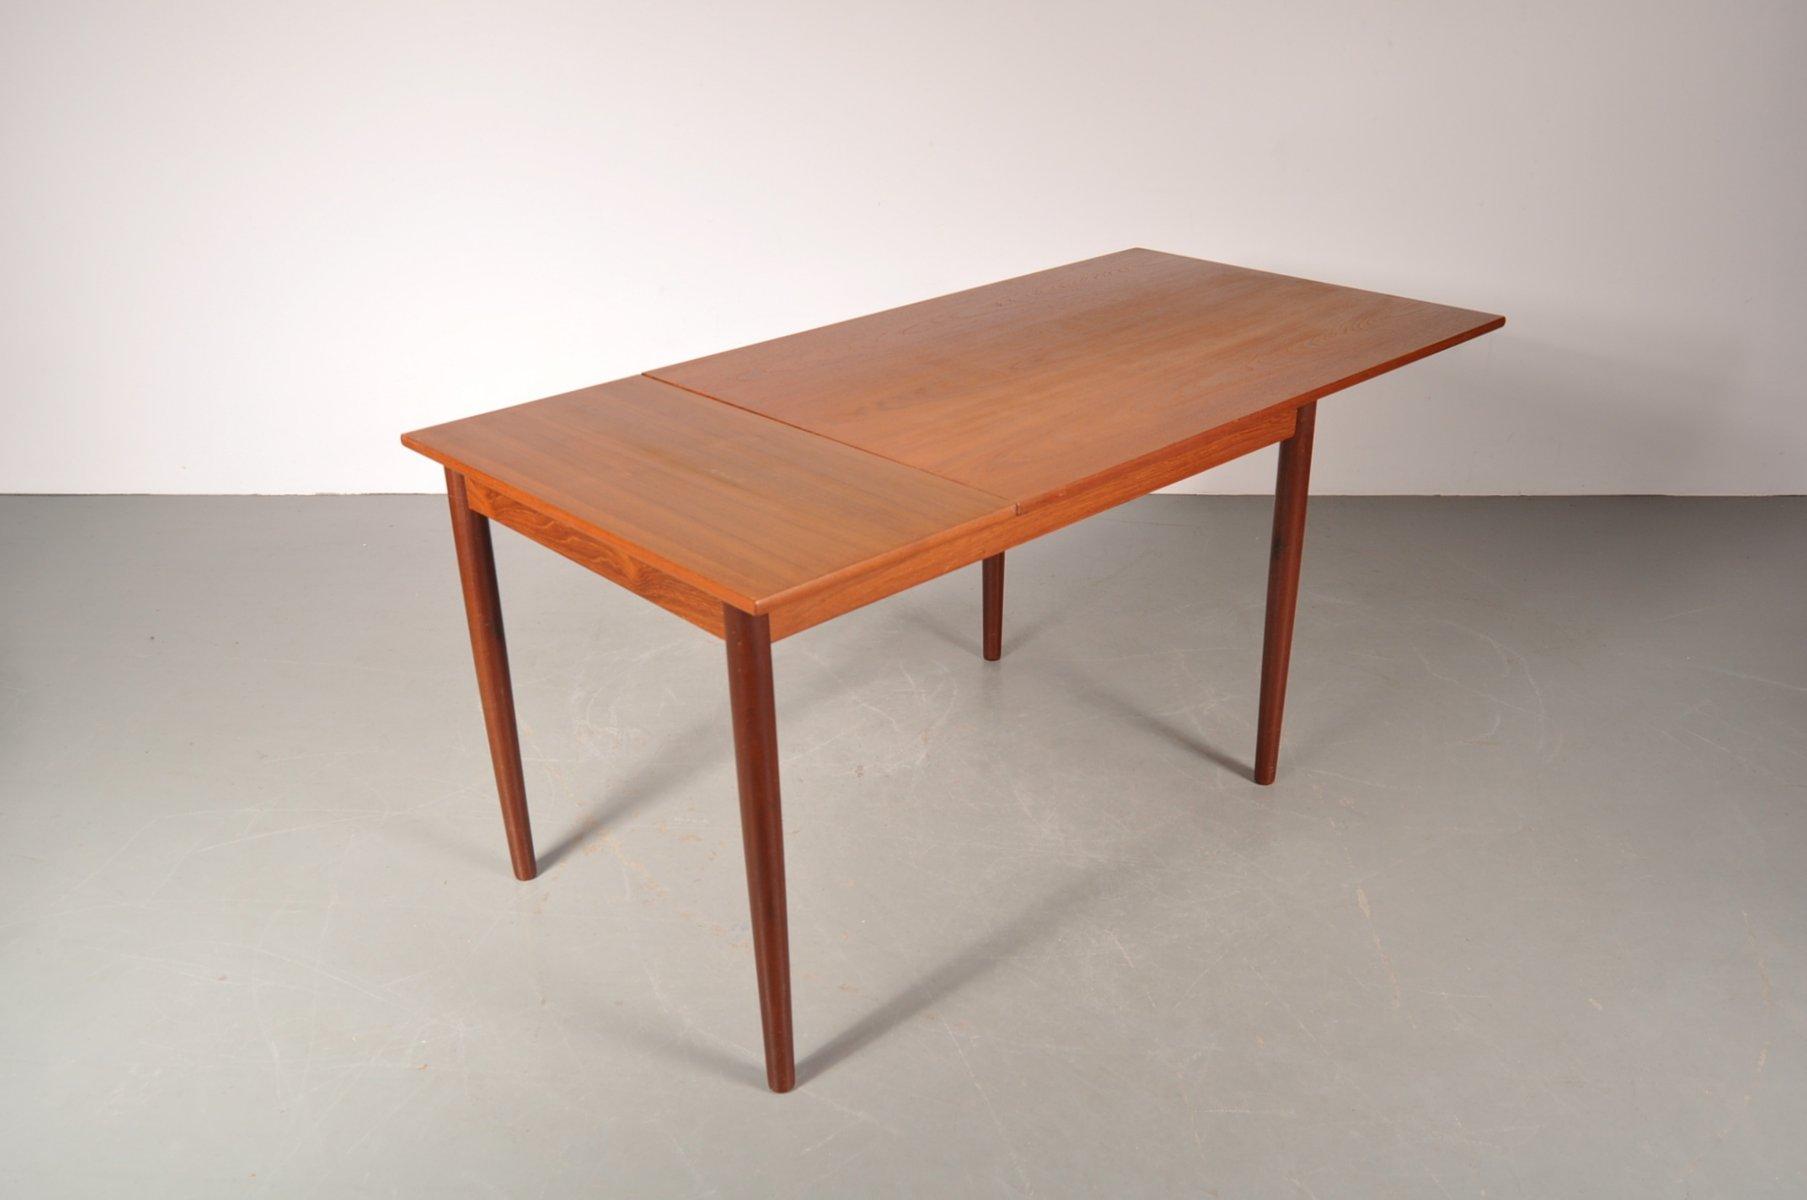 Scandinavian teak extending dining table 1950s for sale at pamono - Dining table scandinavian ...